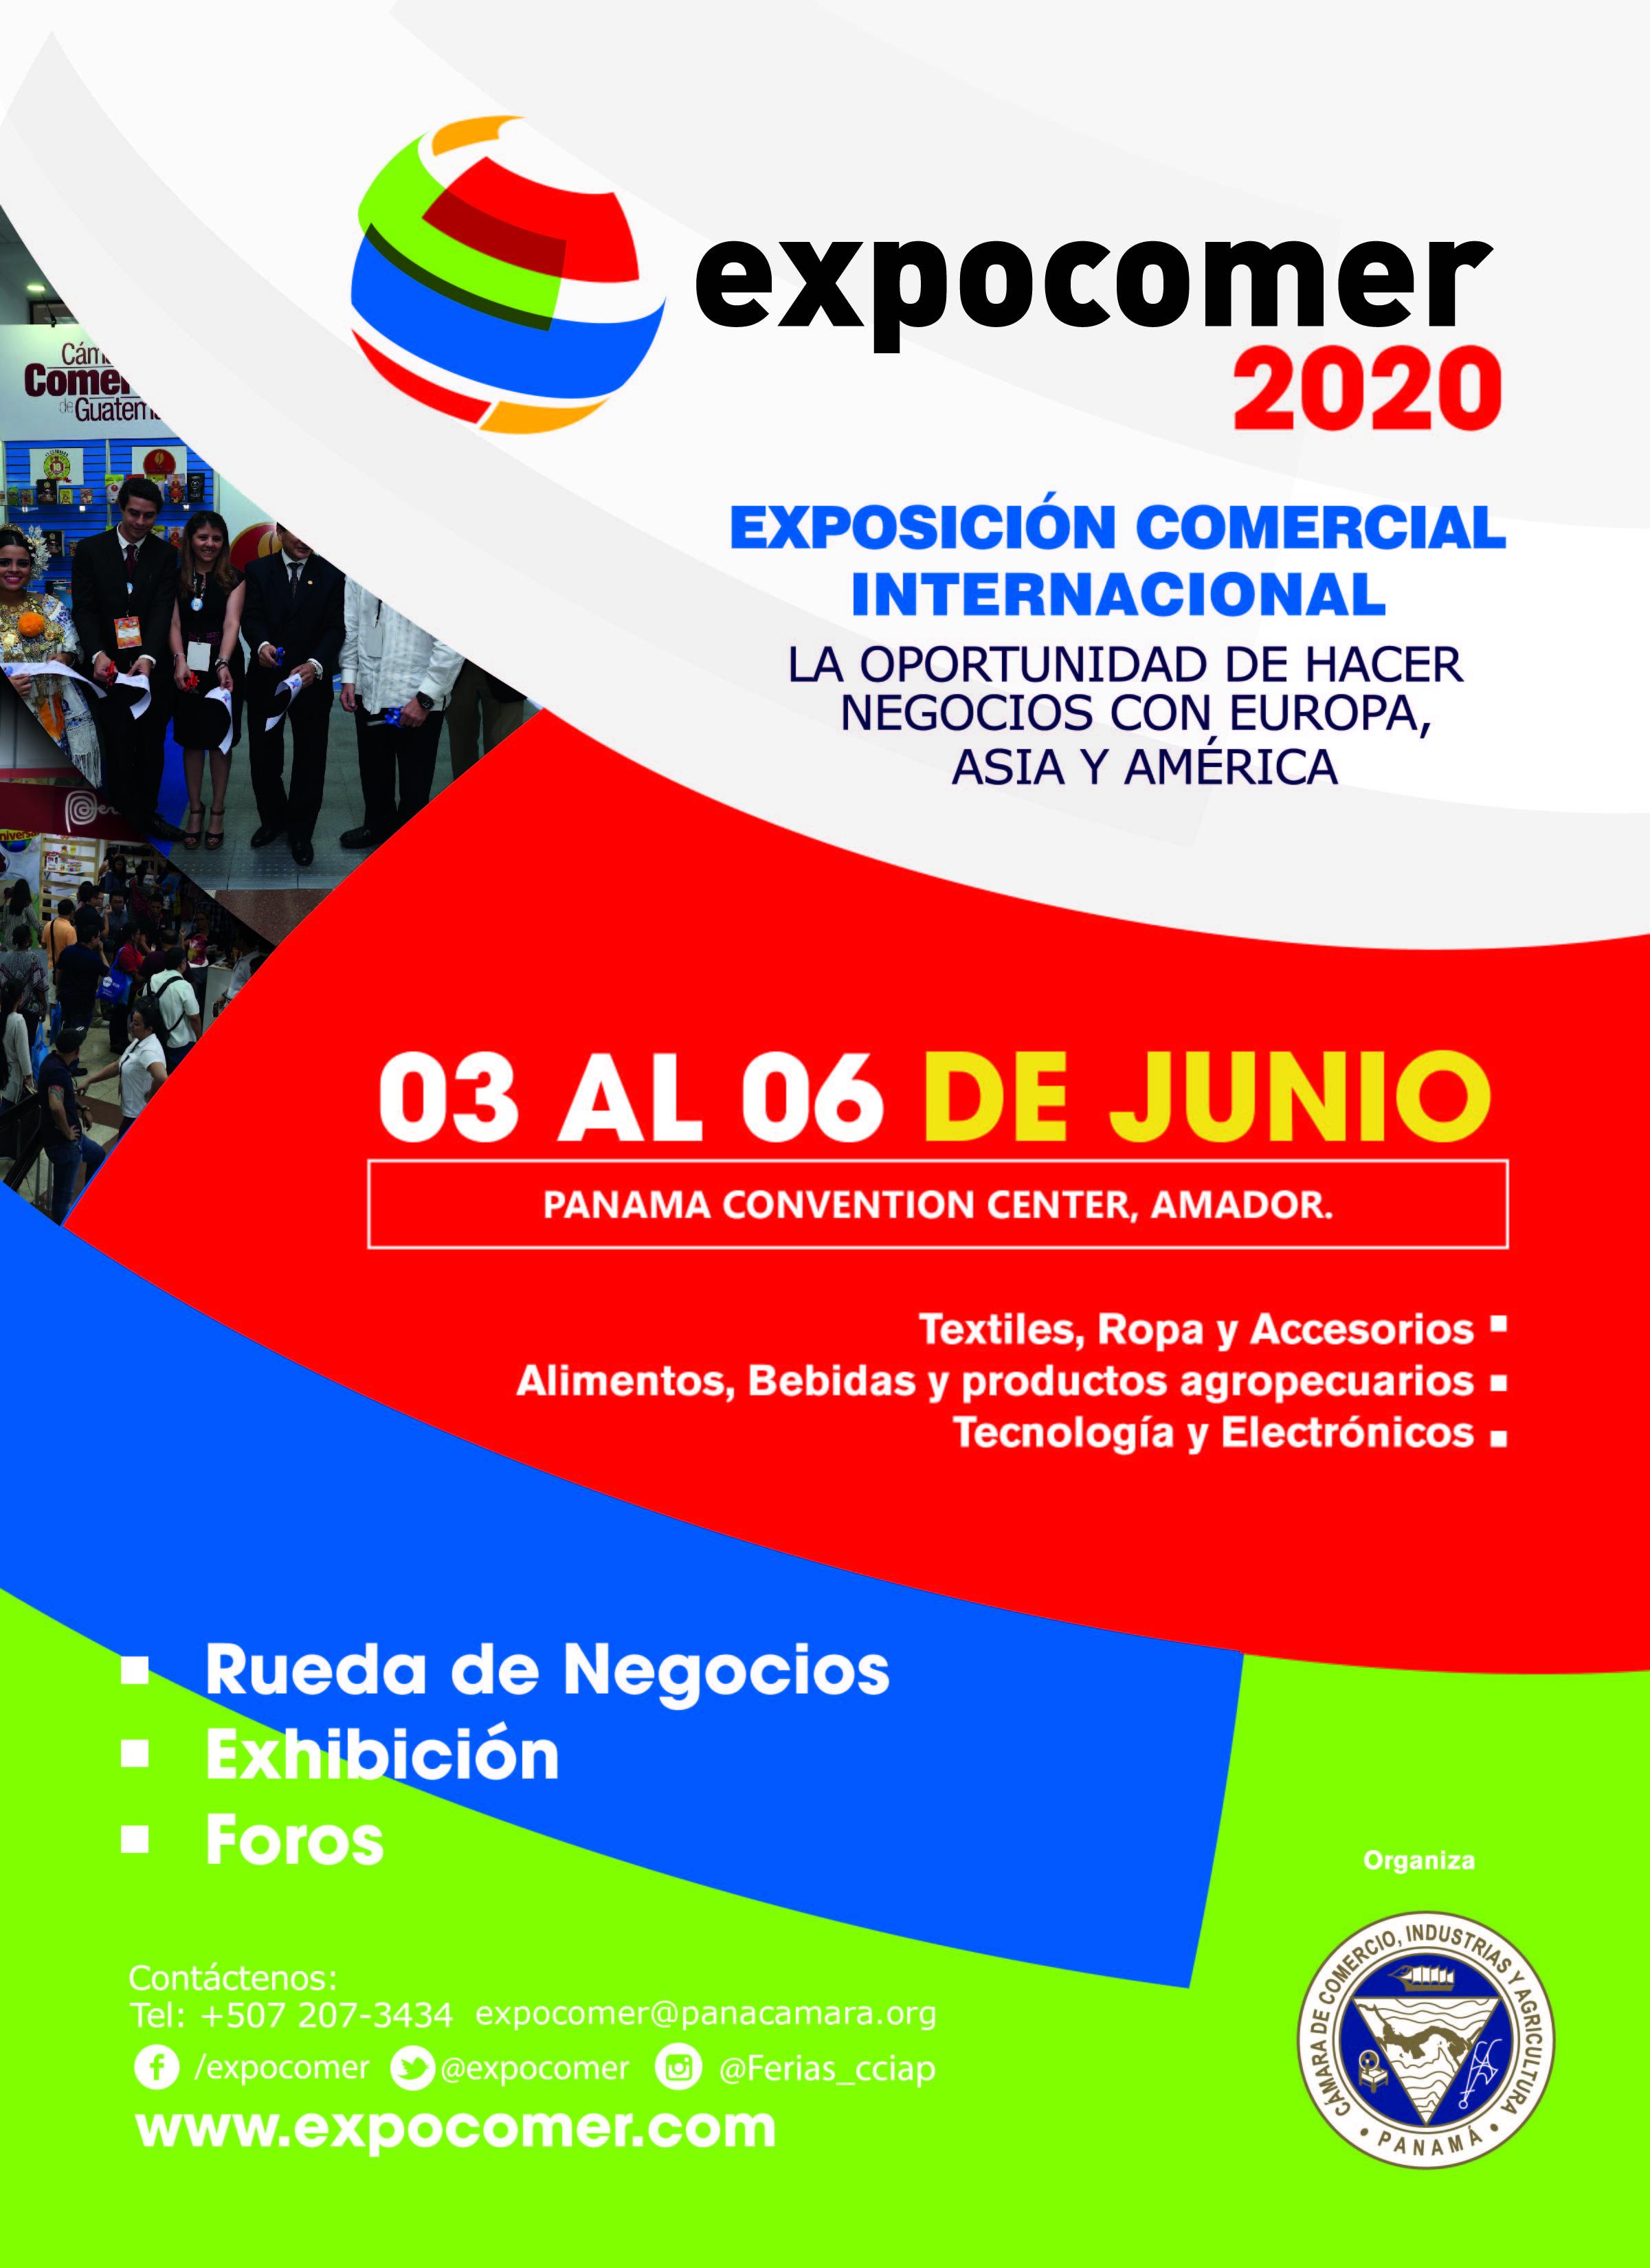 EXPOCOMER 2020 la oportunidad de hacer negocios con europa, asia y américa